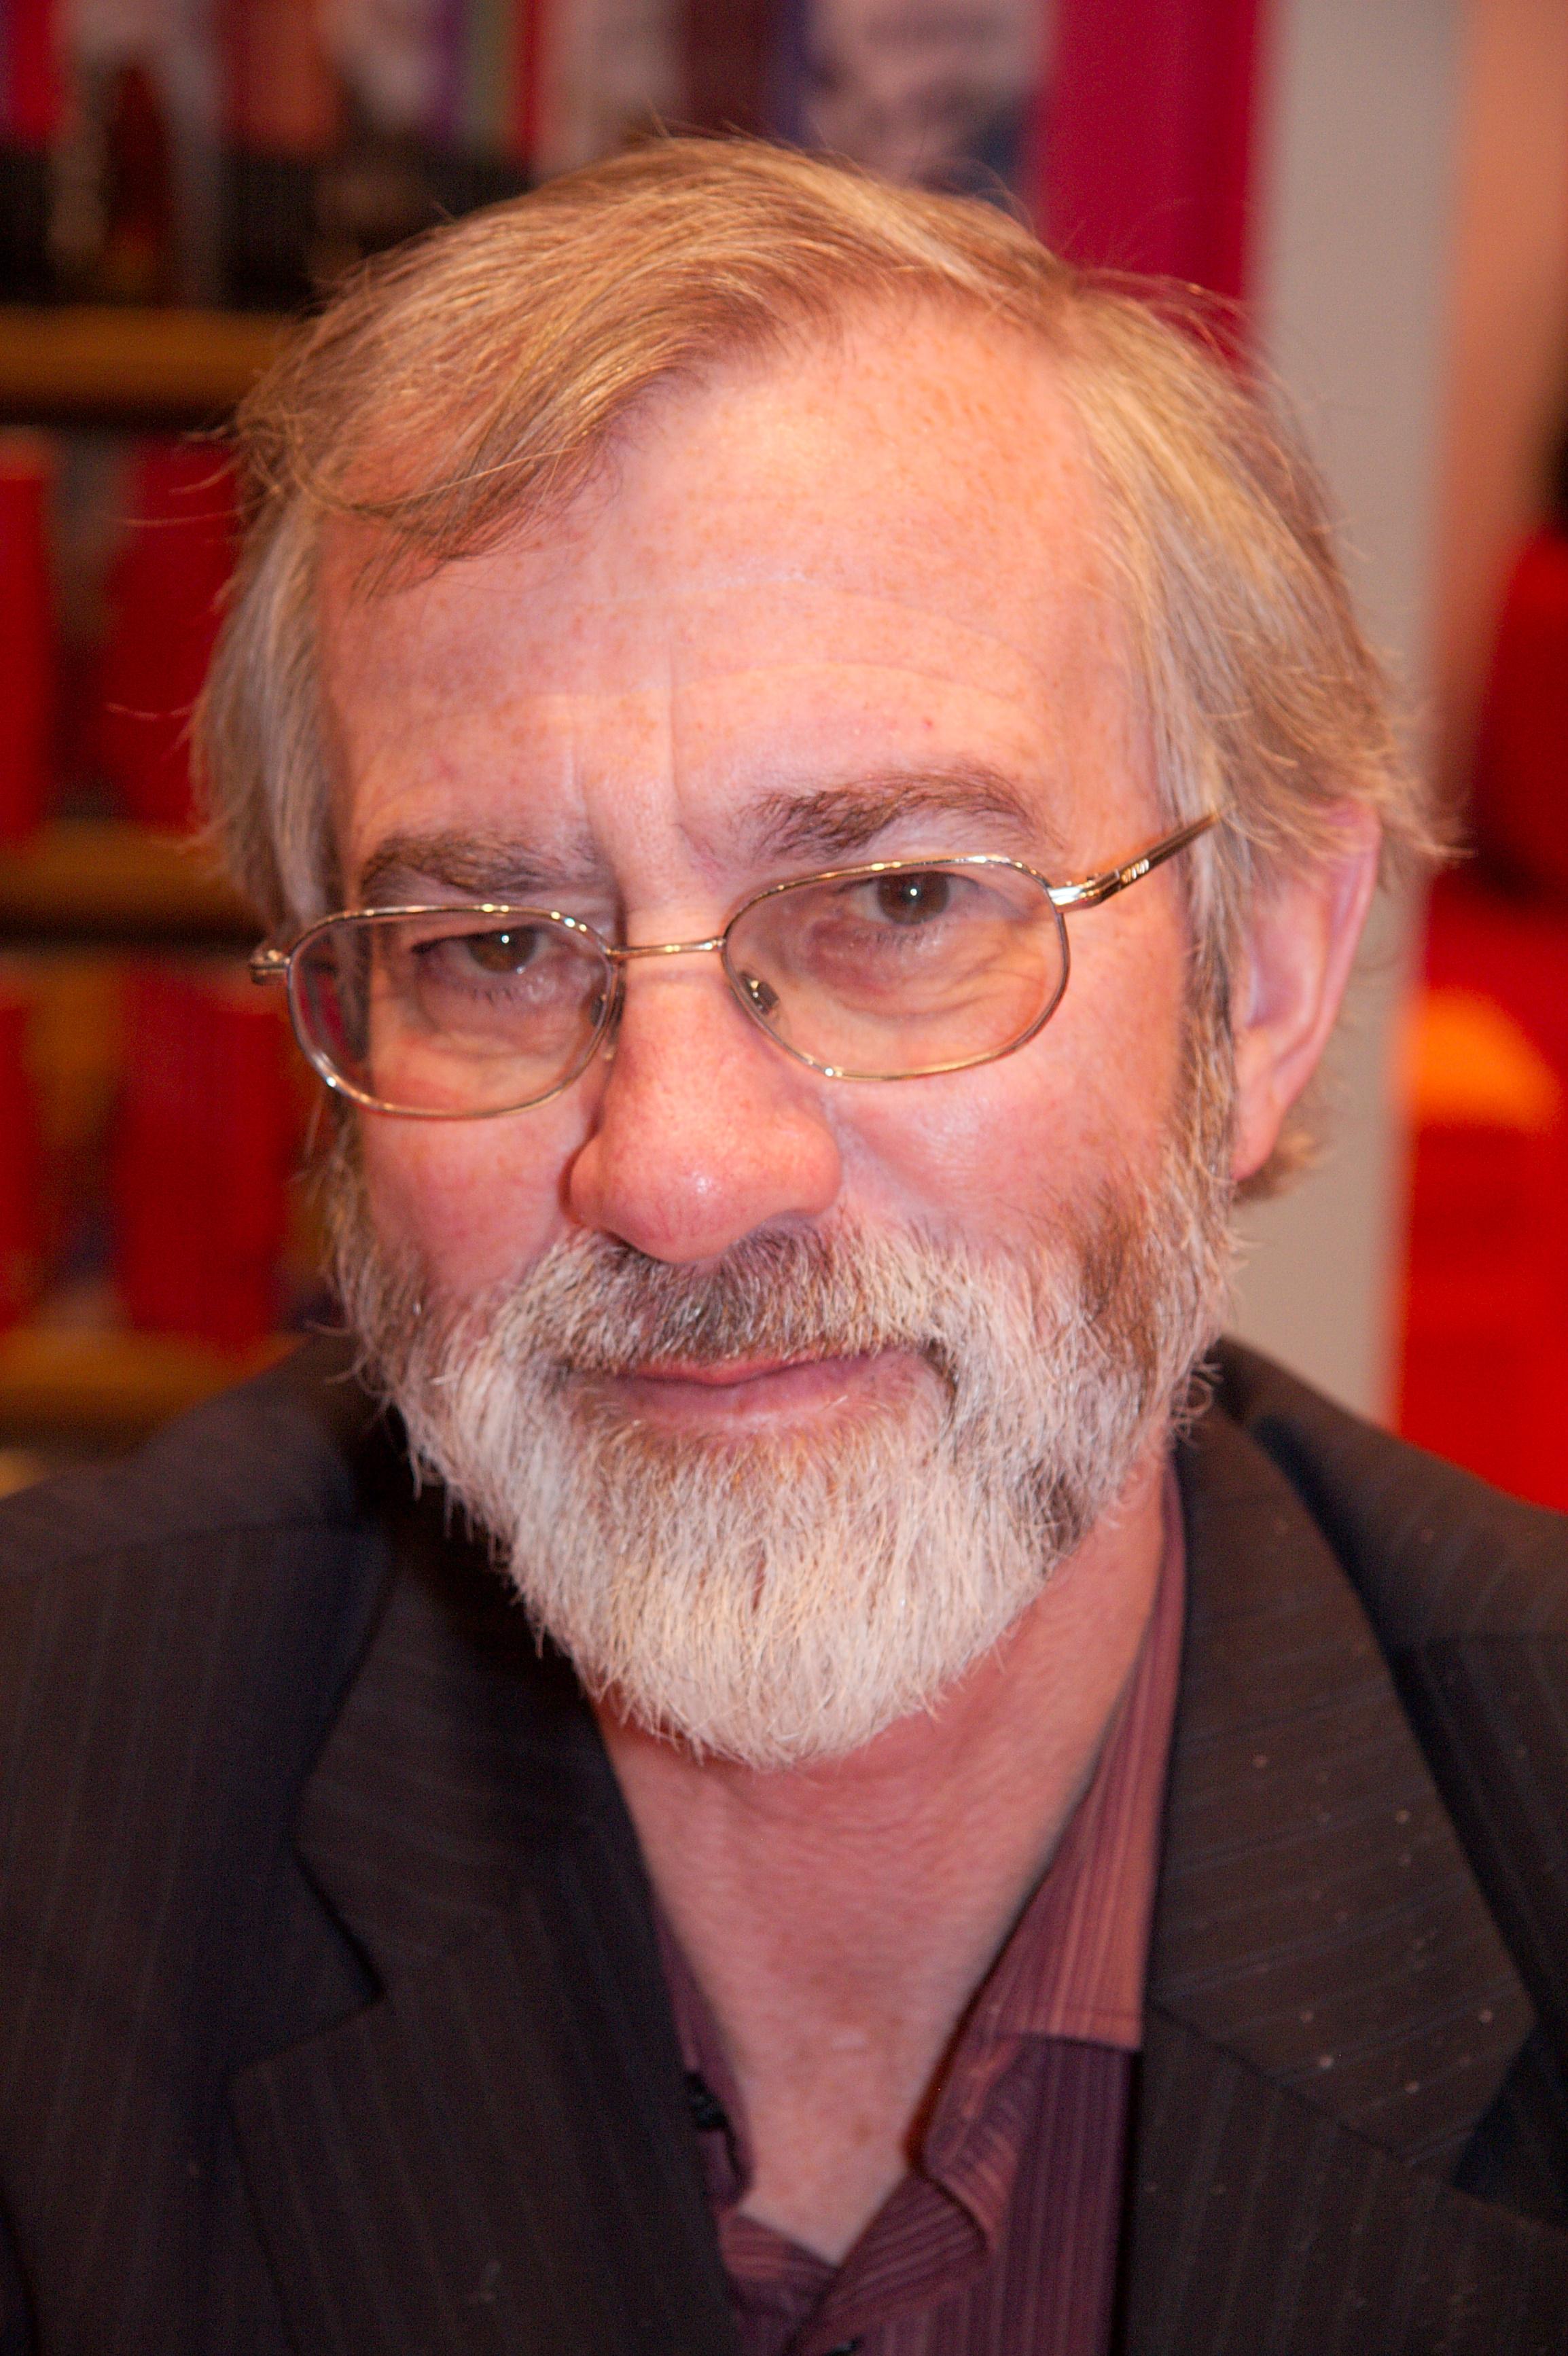 http://upload.wikimedia.org/wikipedia/commons/8/85/Joseph_Delaney_20080315_Salon_du_livre_1.jpg